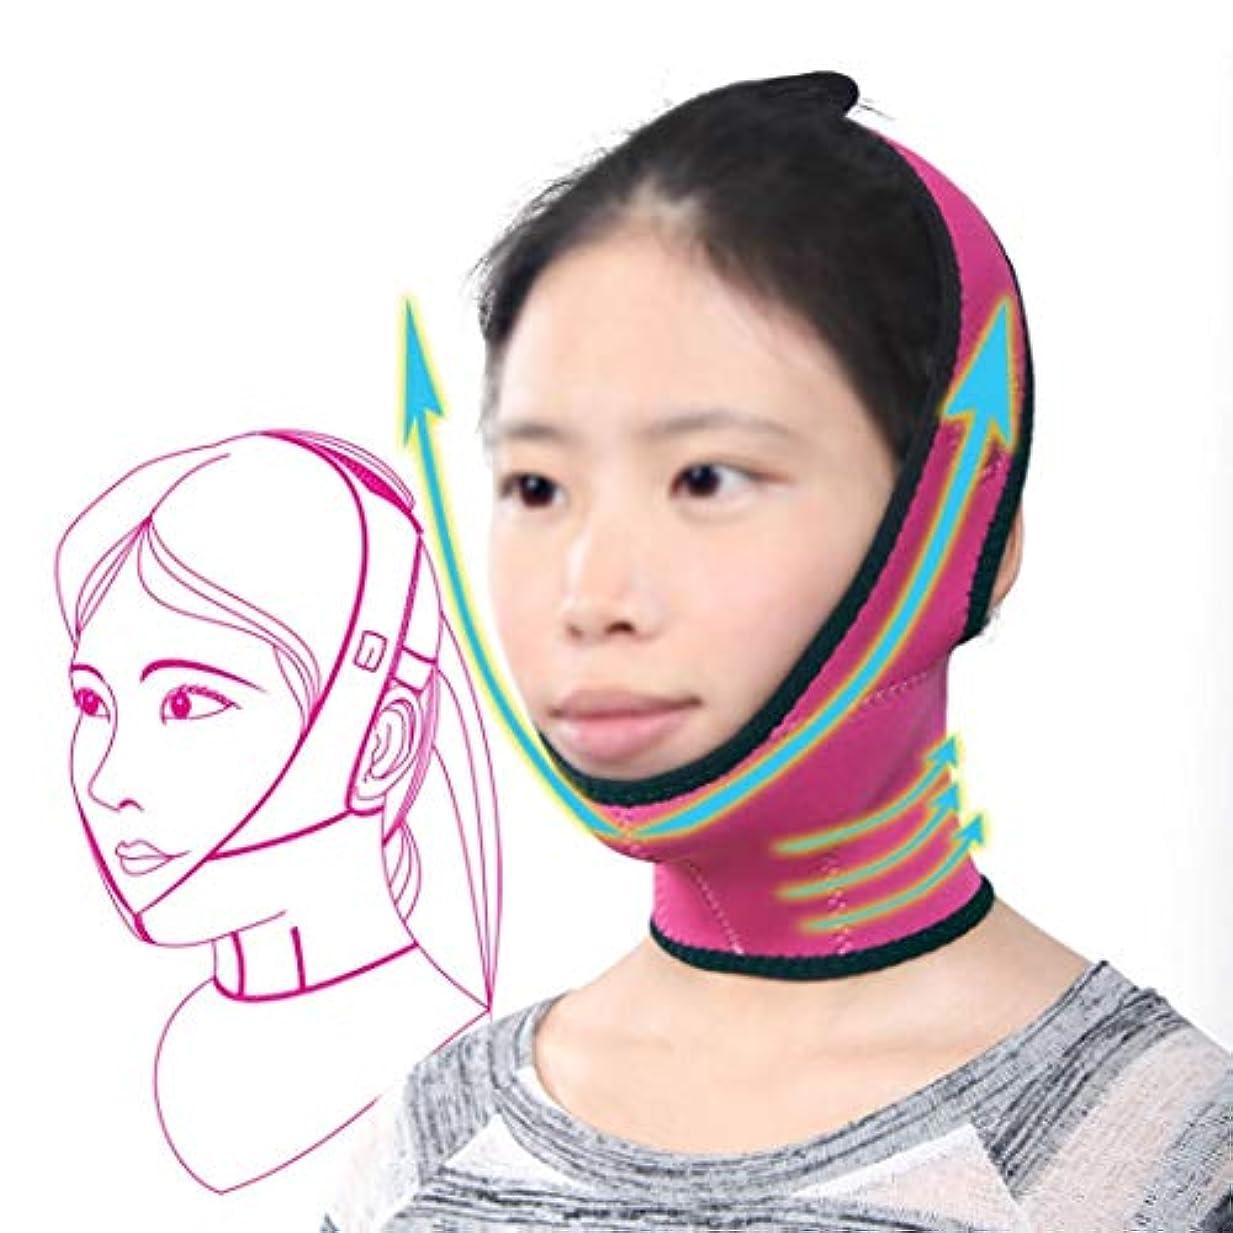 幽霊追跡ミネラルフェイスリフトマスク、痩身ベルトフェイスマスク強力なリフティング小さなV顔薄い顔包帯美容フェイスリフティング顔小さな顔薄い顔マスク